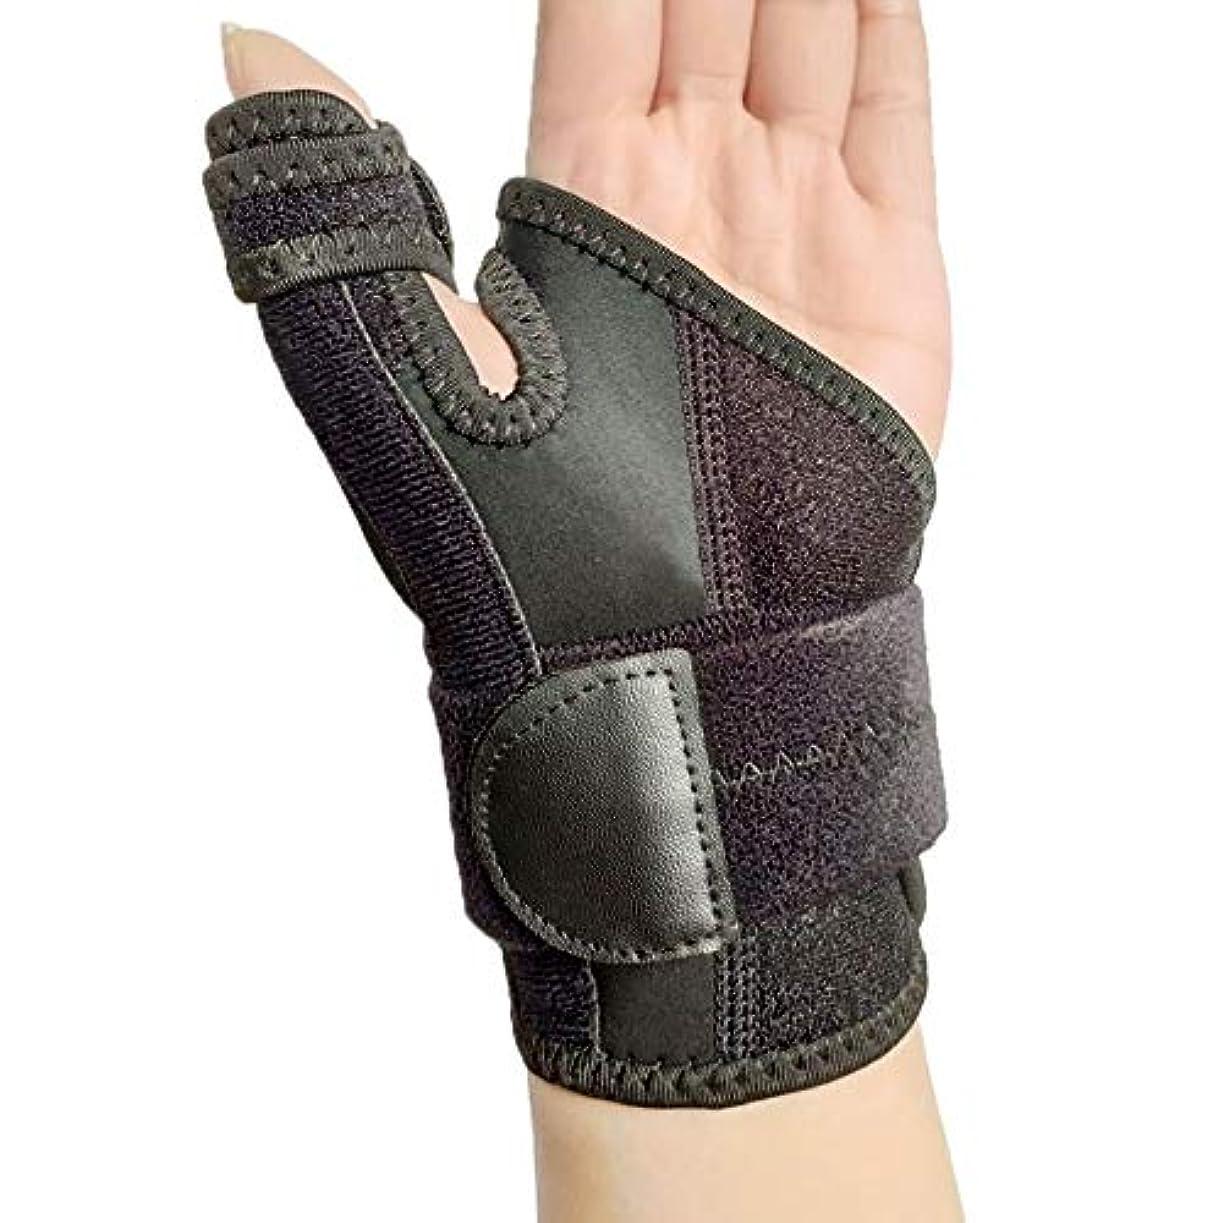 検出器スペイン肘掛け椅子調節可能な手の捻挫メンズ?レディース?便利なスポーツ破壊無垢バンド手根管手首のサポートブレースベルト親指Bracer